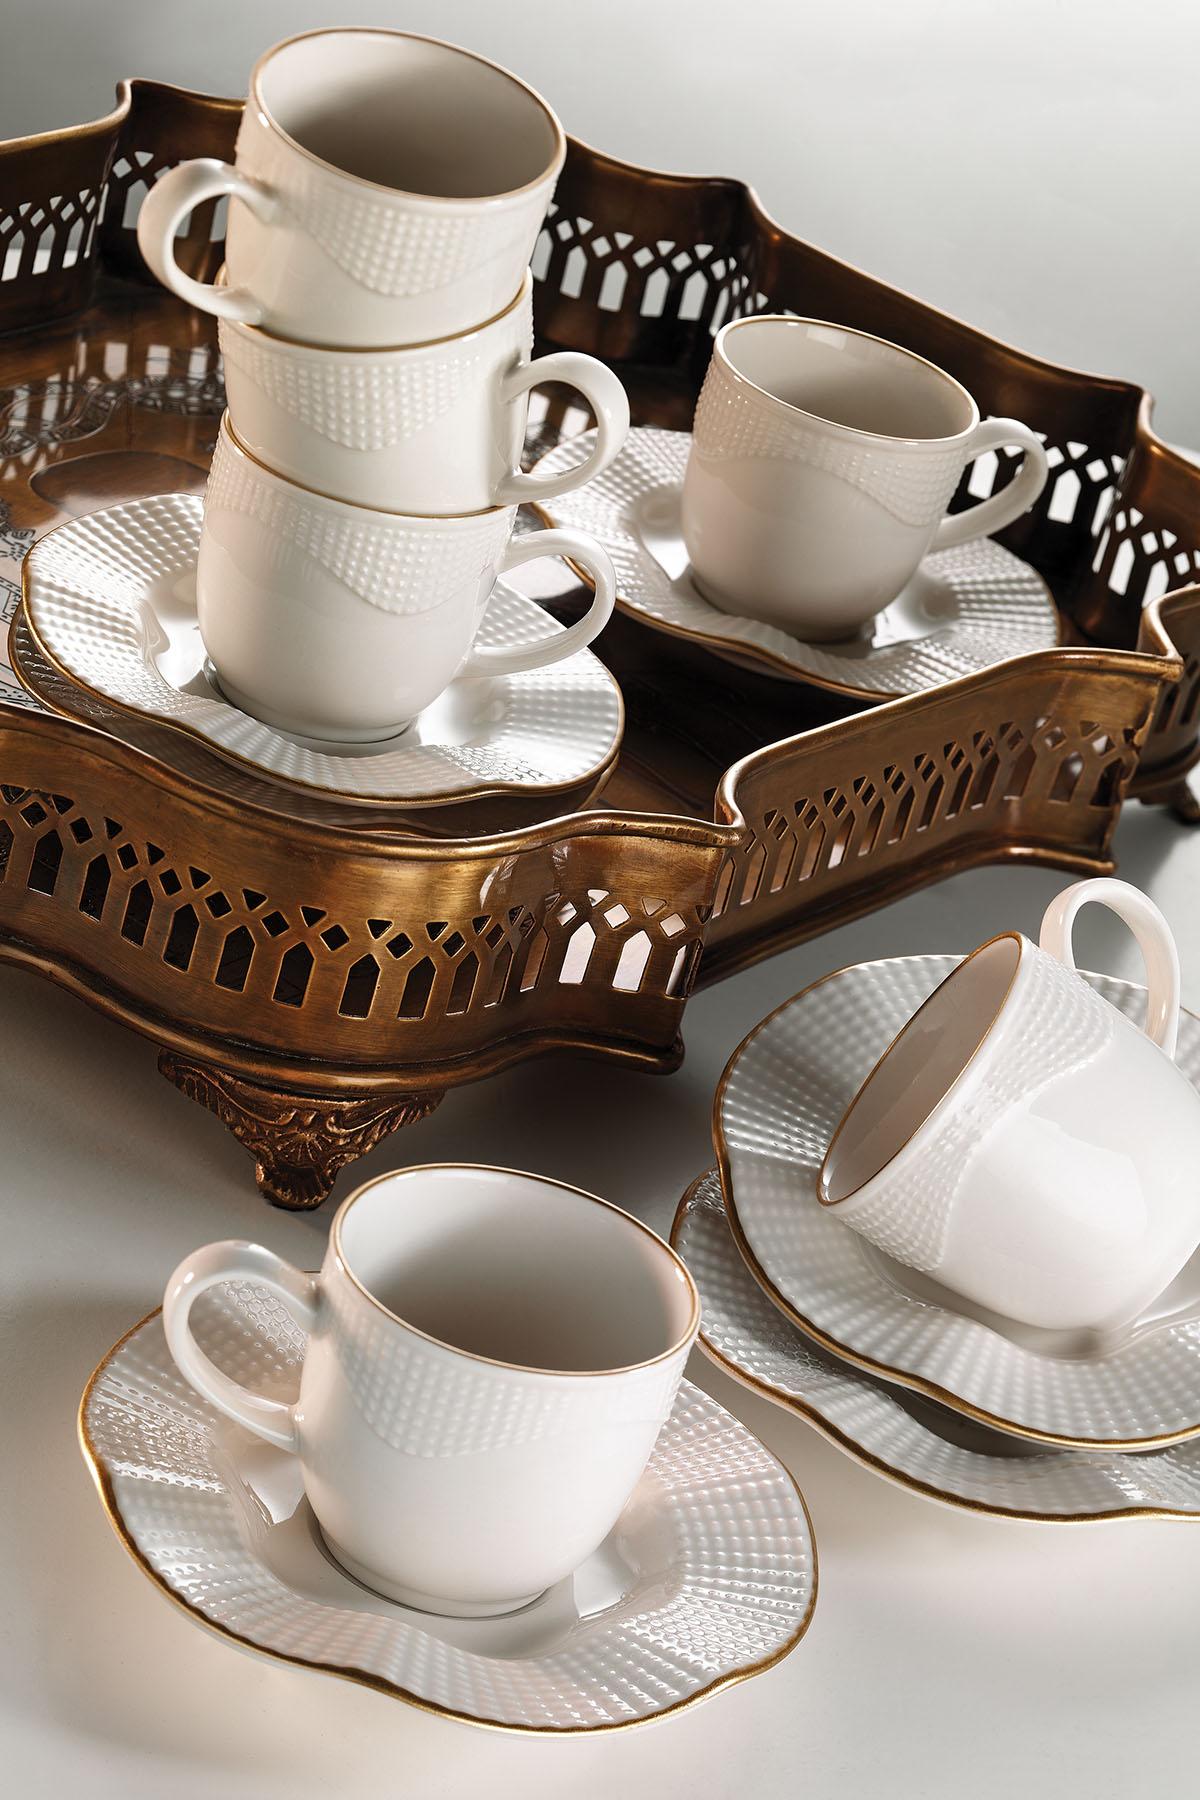 Kütahya Porselen - Kütahya Porselen Milena Krem Altın File Kahve Fincan Takımı